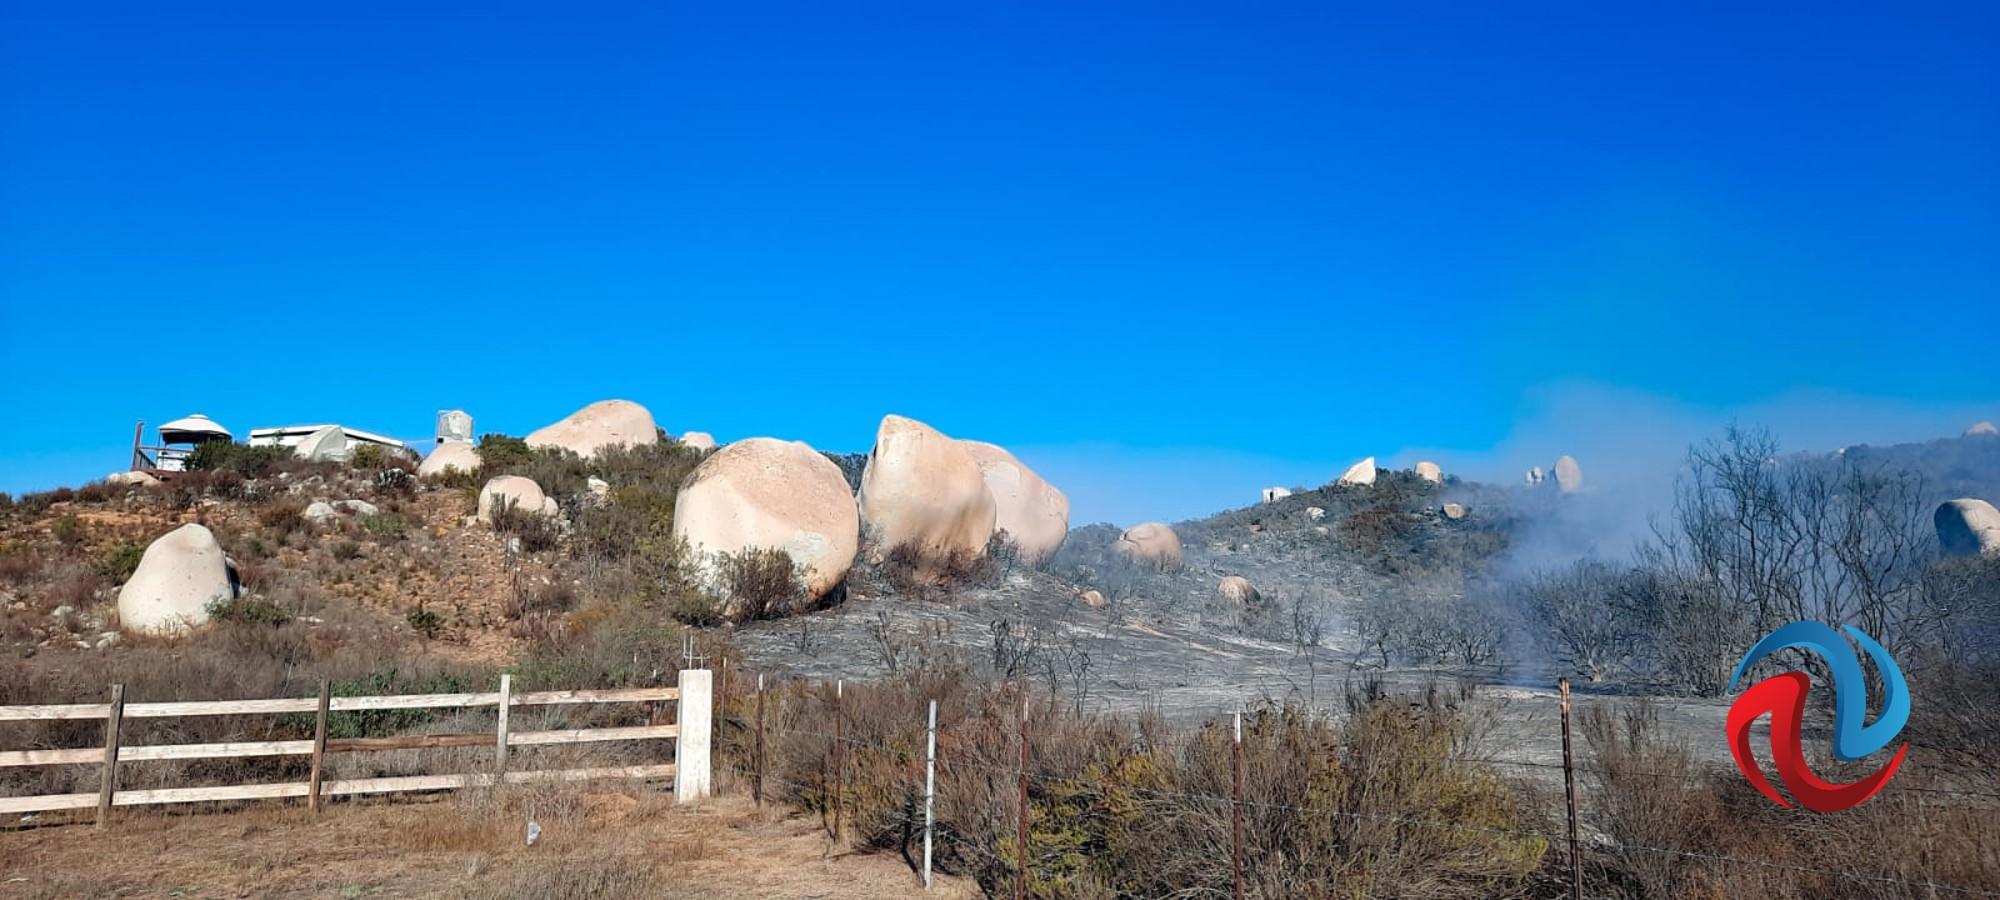 Reportan controlado el incendio en Rancho Bonito, Ensenada